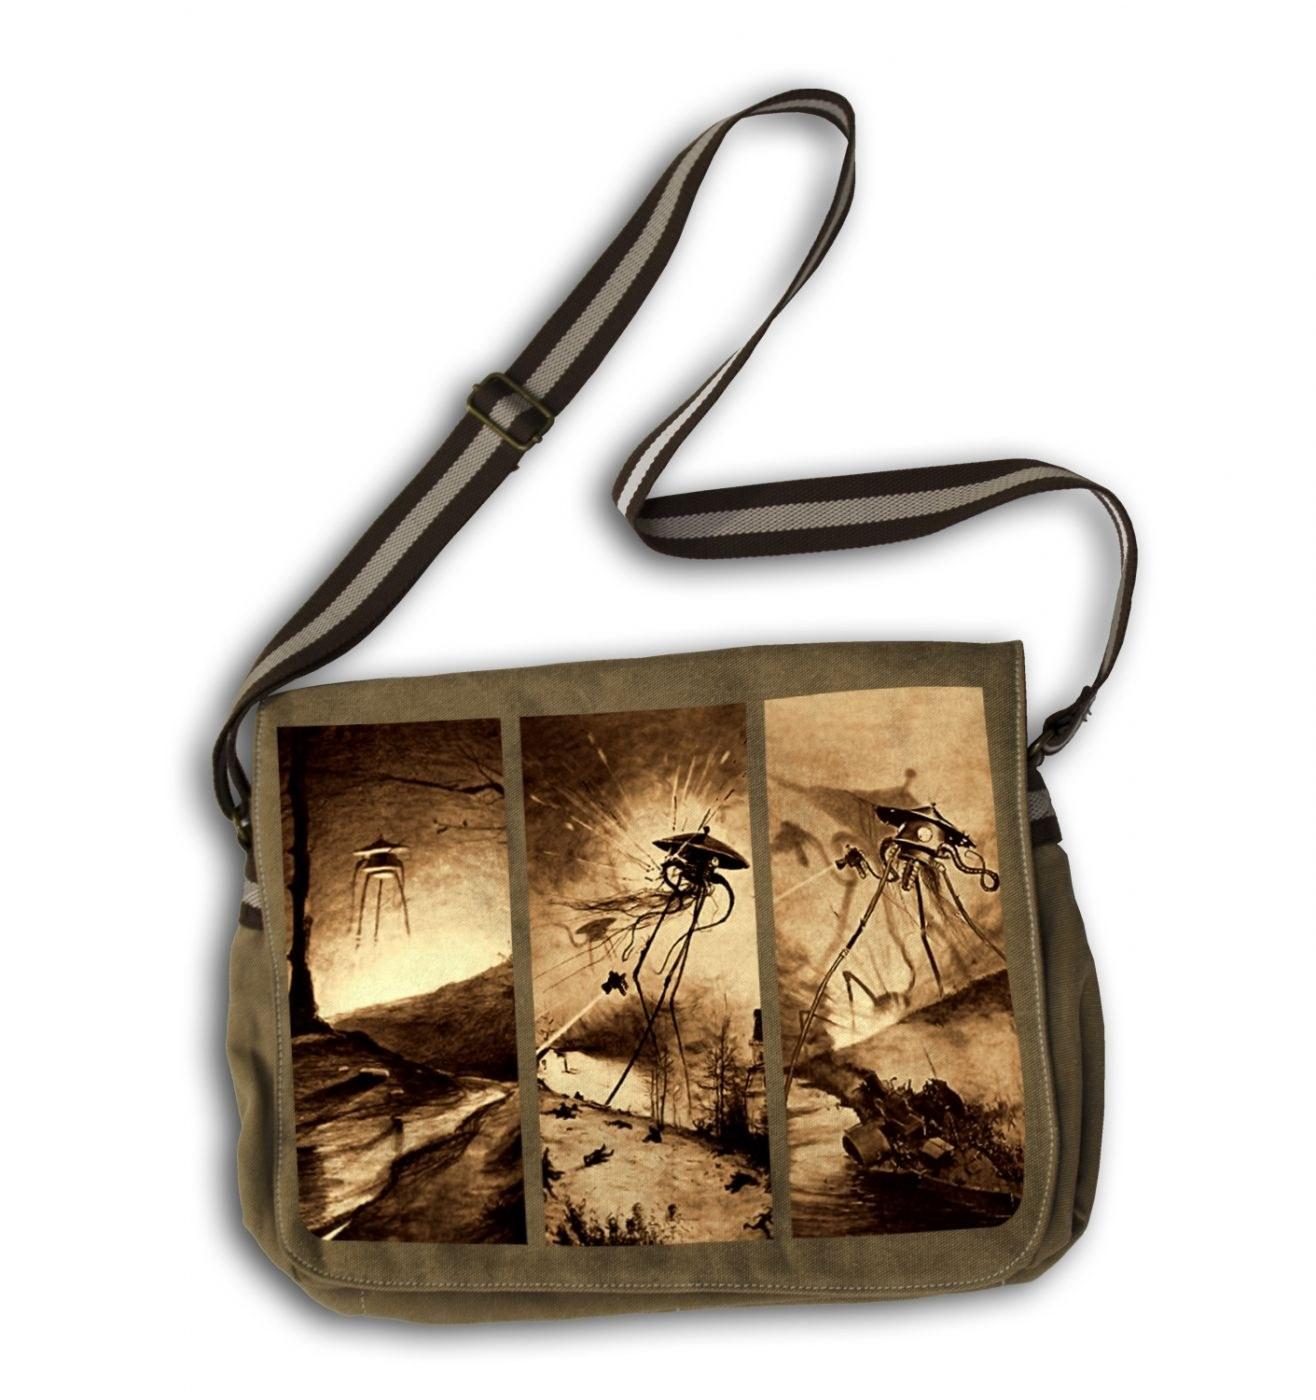 Triptych War Of The Worlds messenger bag